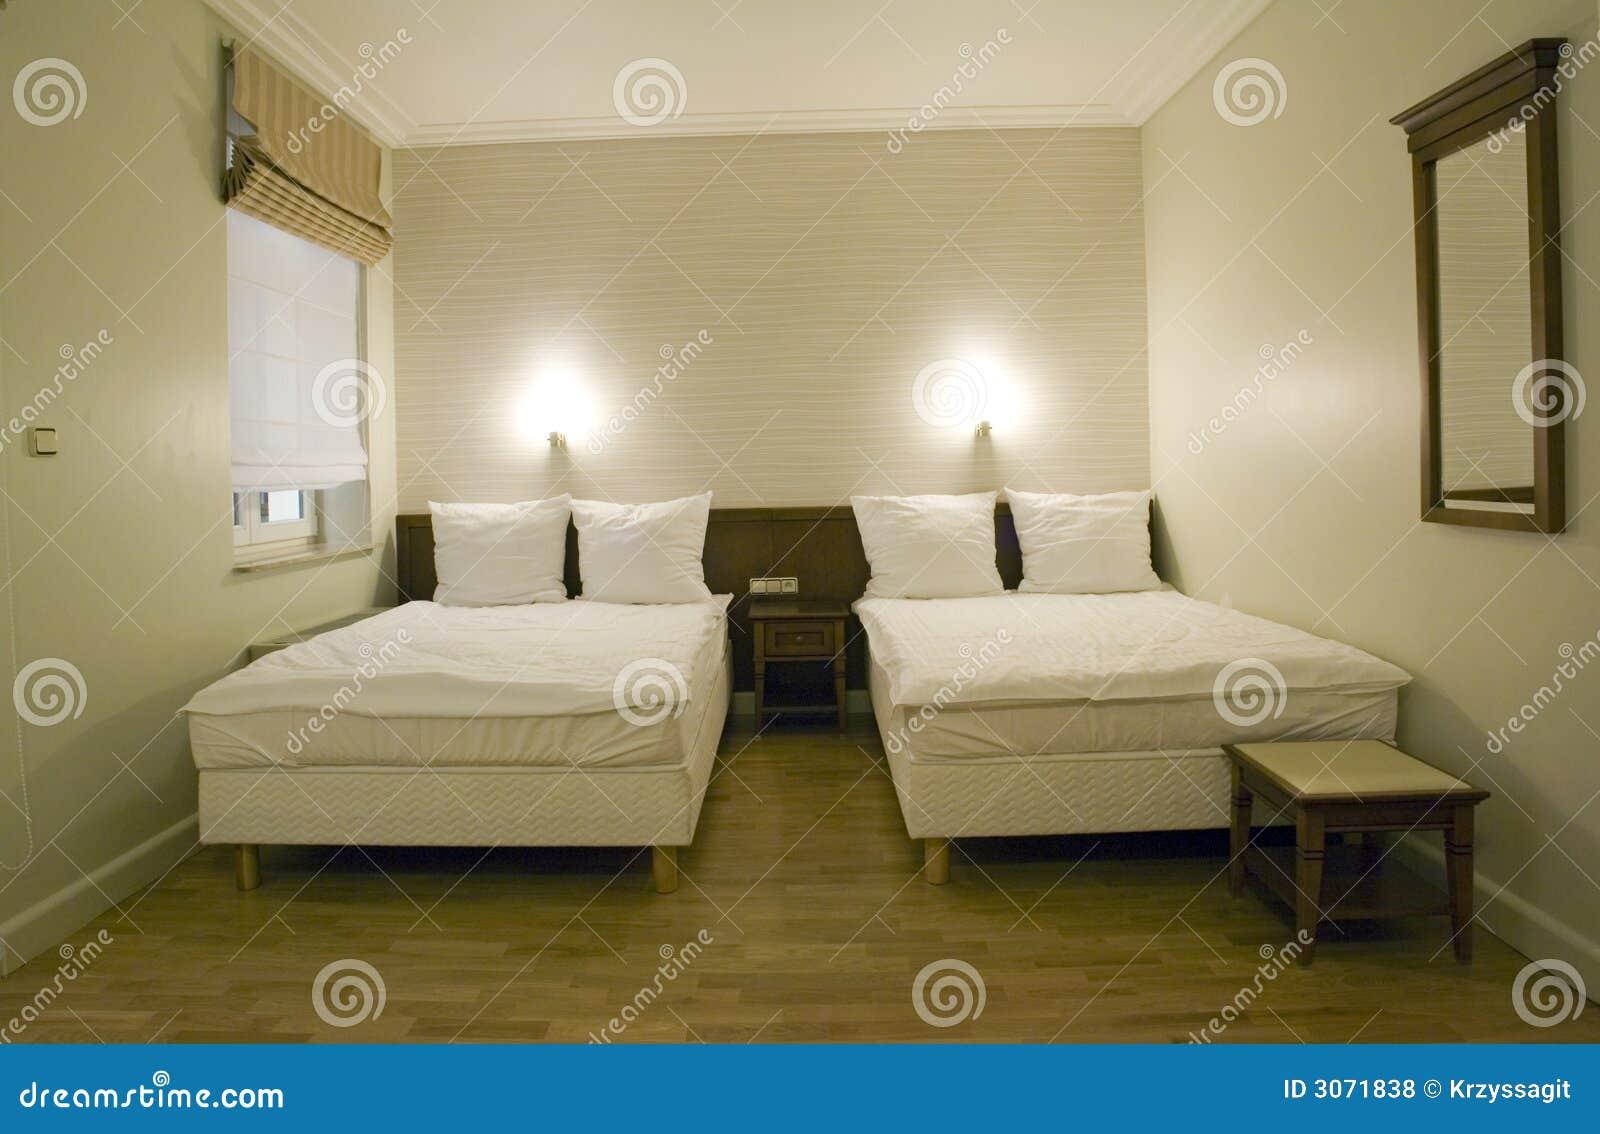 Mała Sypialnia Zdjęcie Stock Obraz Złożonej Z Pokój